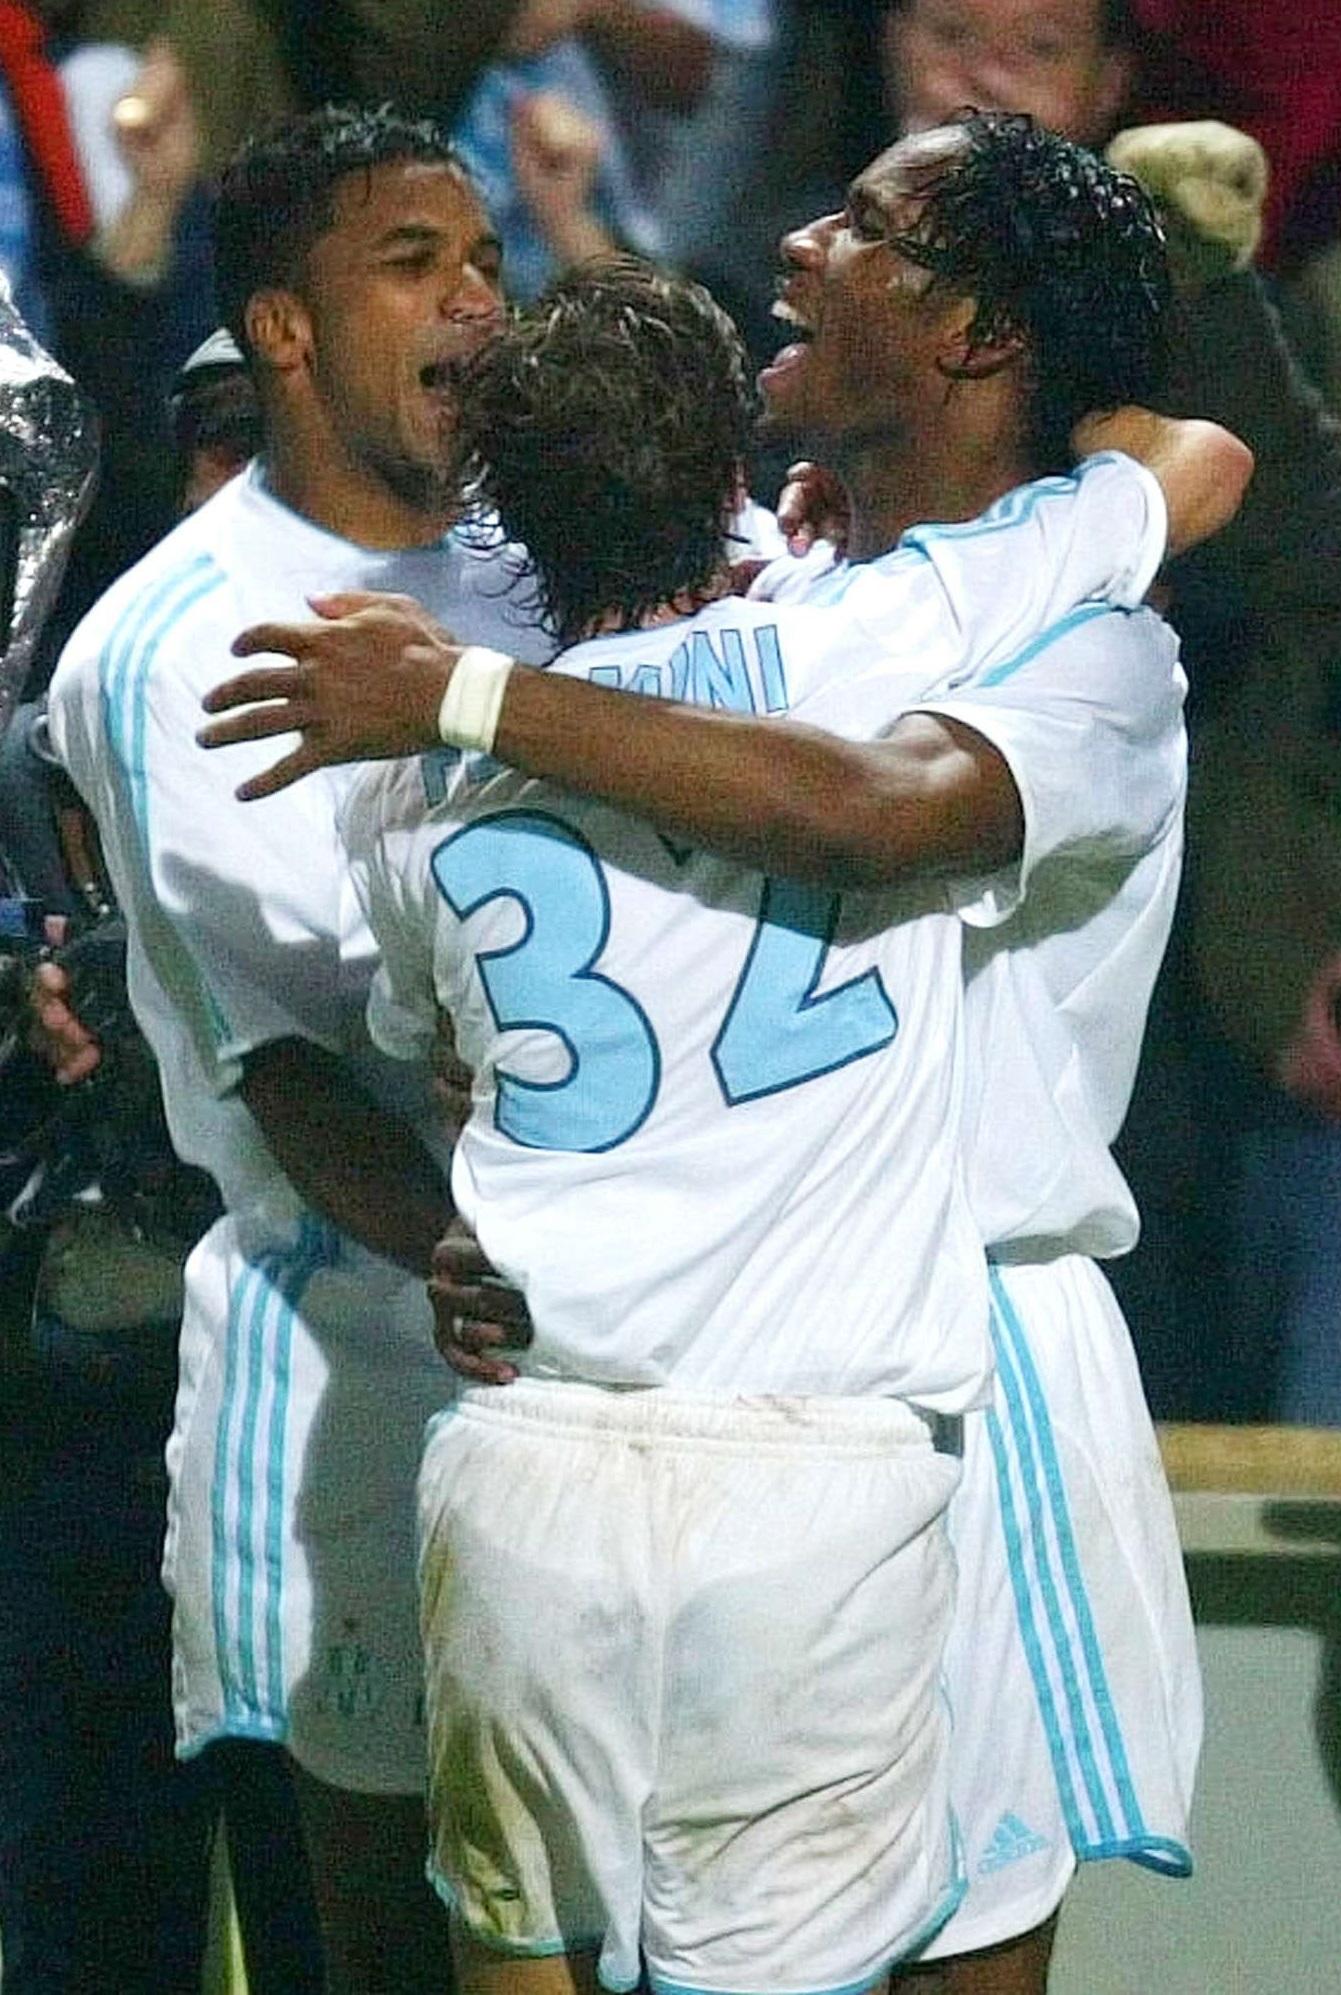 Didier Drogba de Marseille, à droite, et ses coéquipiers Mathieu Flamini et Habib Beye, à gauche, réagissent après le deuxième but de Drogba, lors de leur match de demi-finale de Coupe UEFA contre Newcastle, jeudi 6 mai 2004 à Marseille.